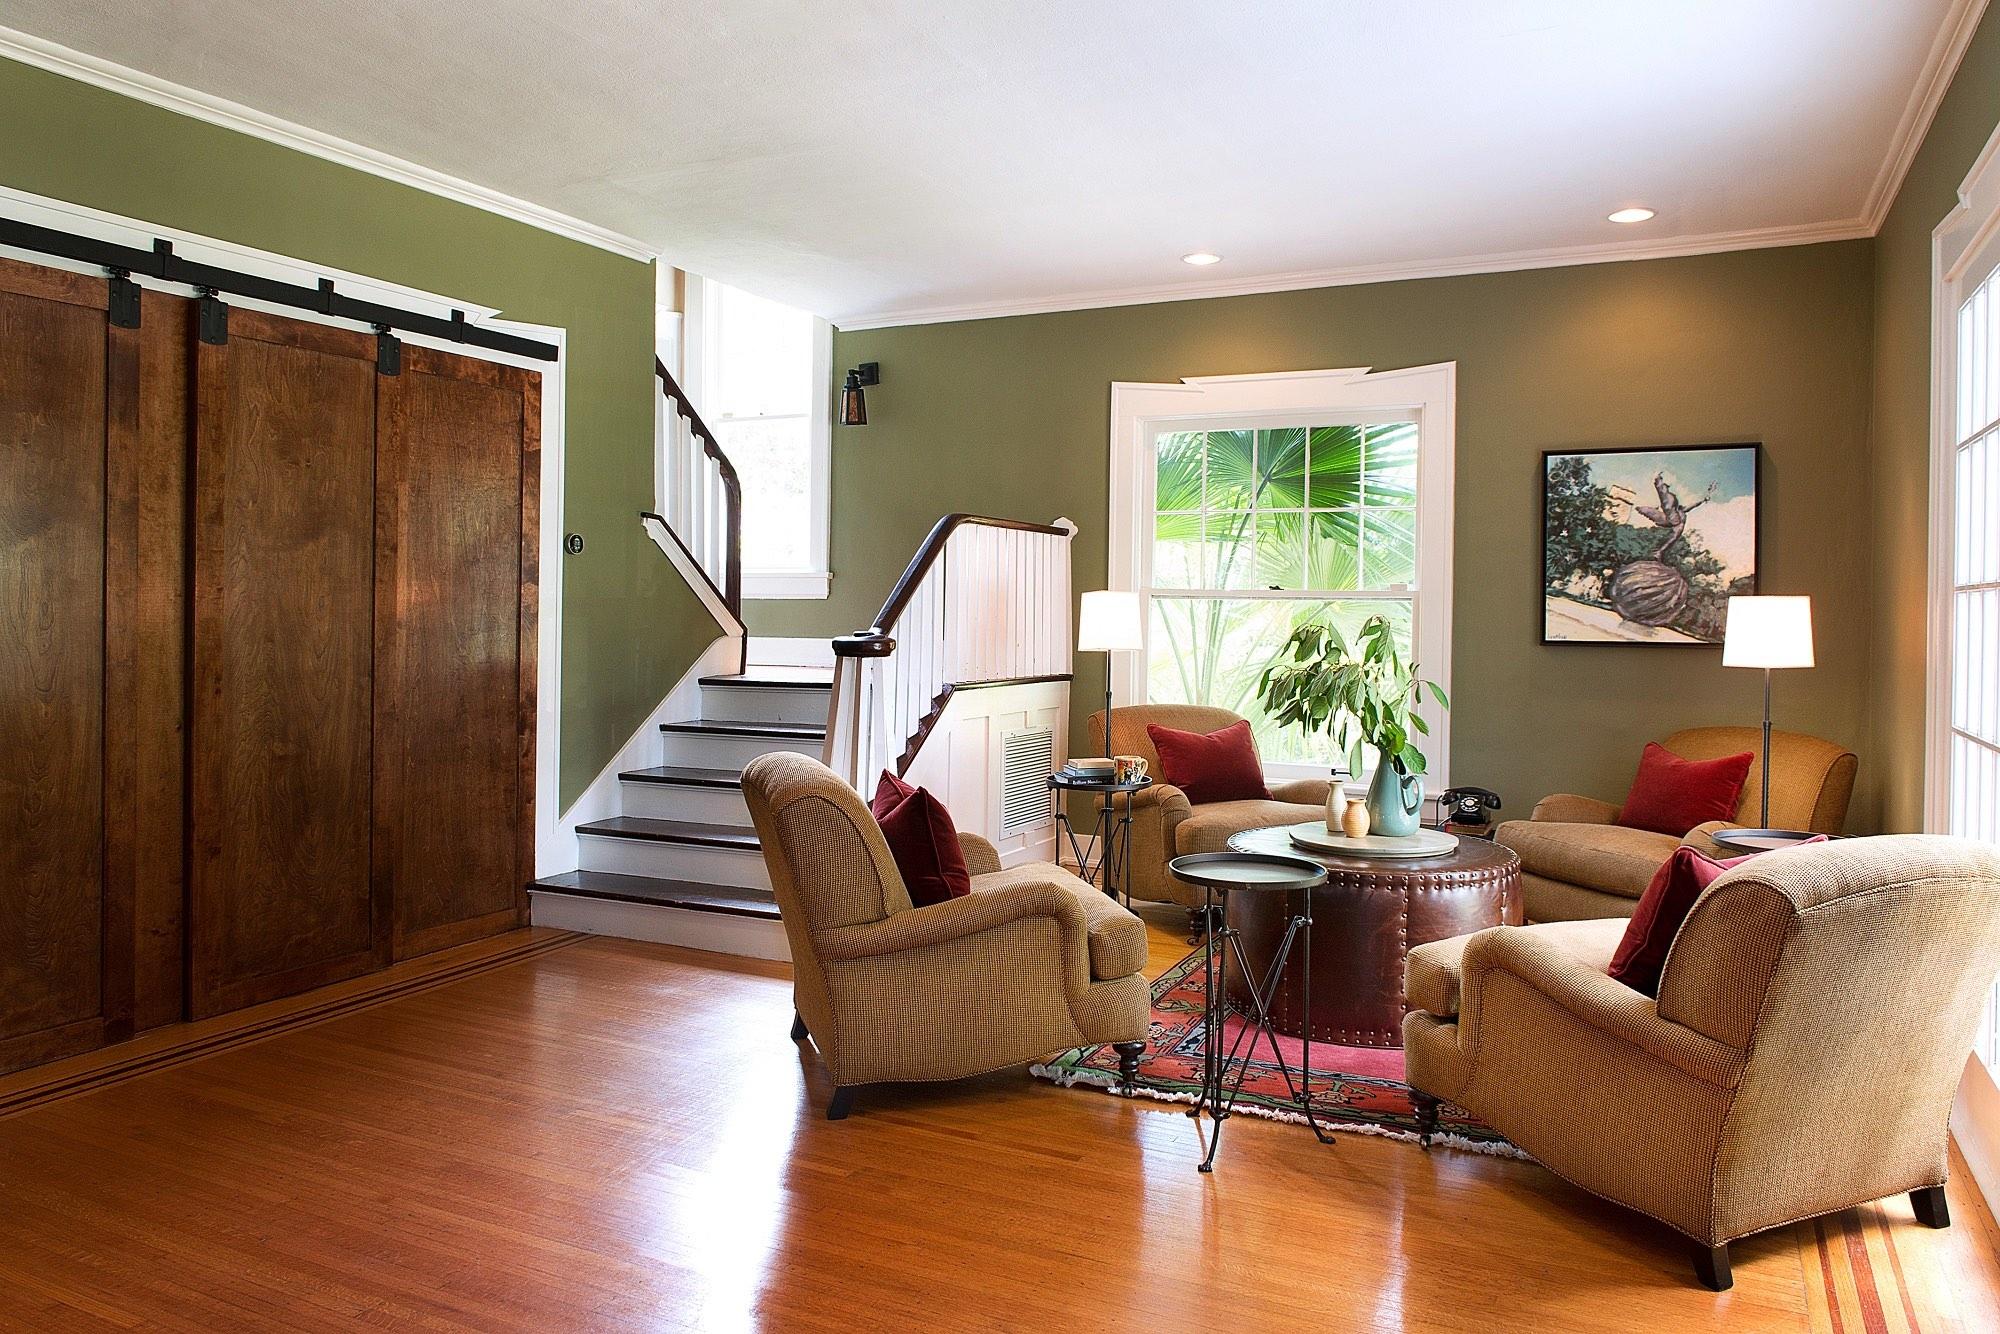 13.Living Room After.jpeg